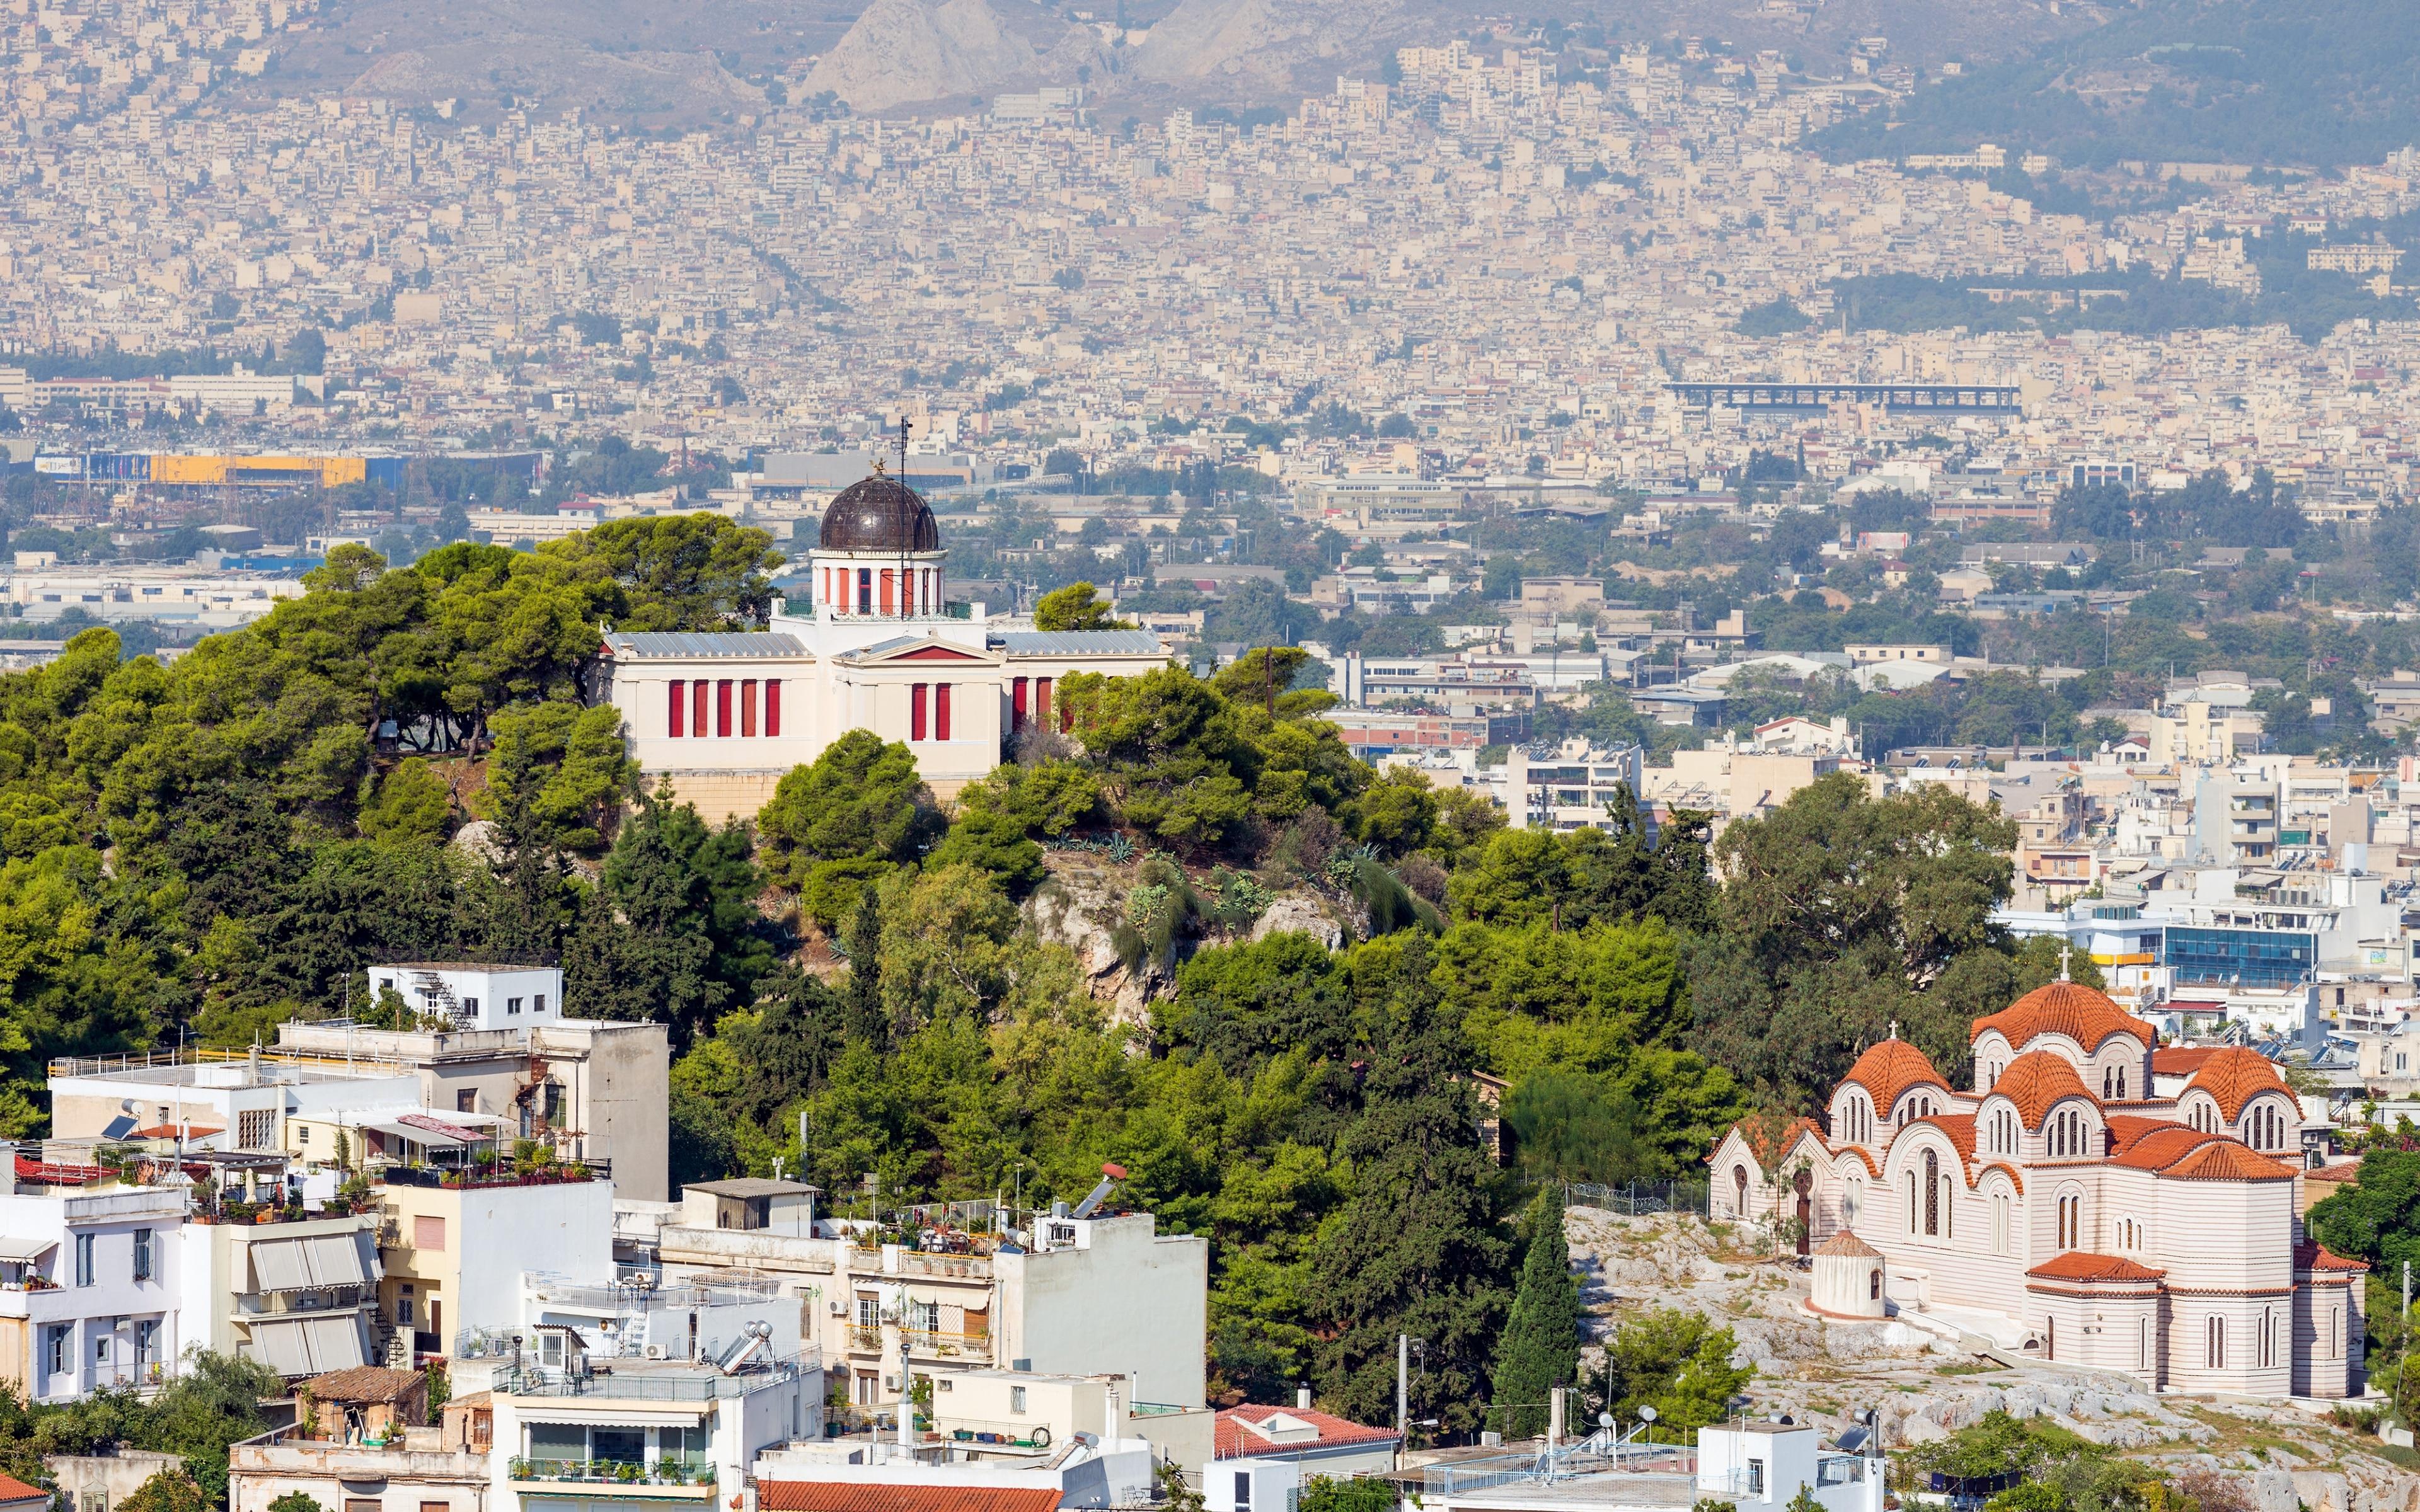 Nationales Observatorium Athen, Athen, Attica, Griechenland